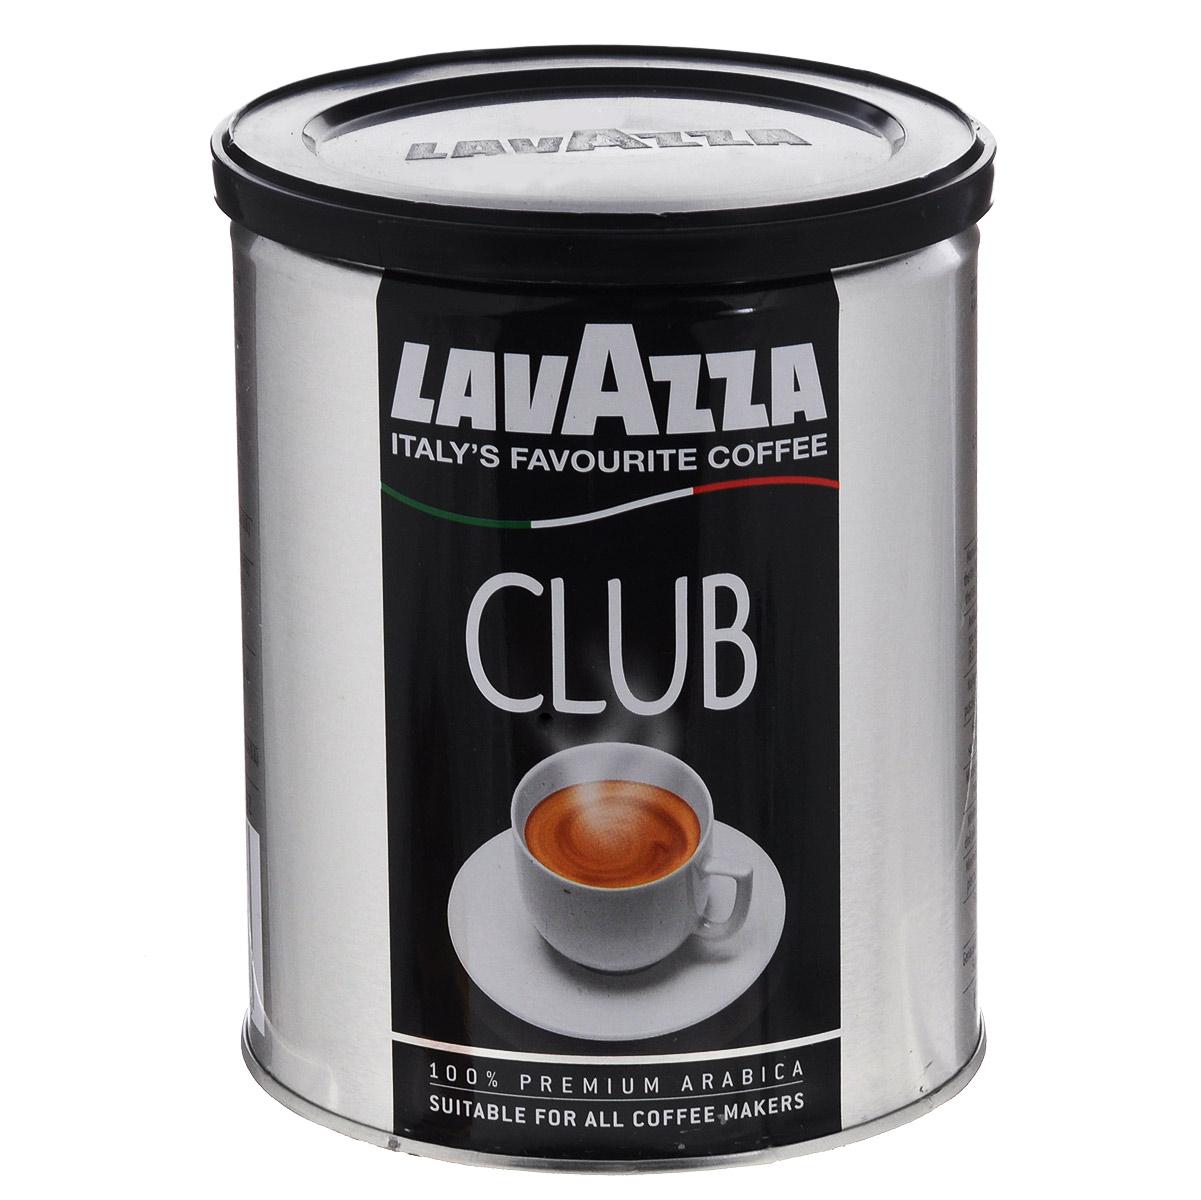 Lavazza Club кофе молотый, 250 г (ж/б)1545Сырье для кофе Lavazza Club поступает с небольших южноамериканских плантаций.Кофе представляет собой купаж из стопроцентной арабики и обладает ярко выраженным вкусом, с немного горьковатым привкусом и приятным послевкусием.